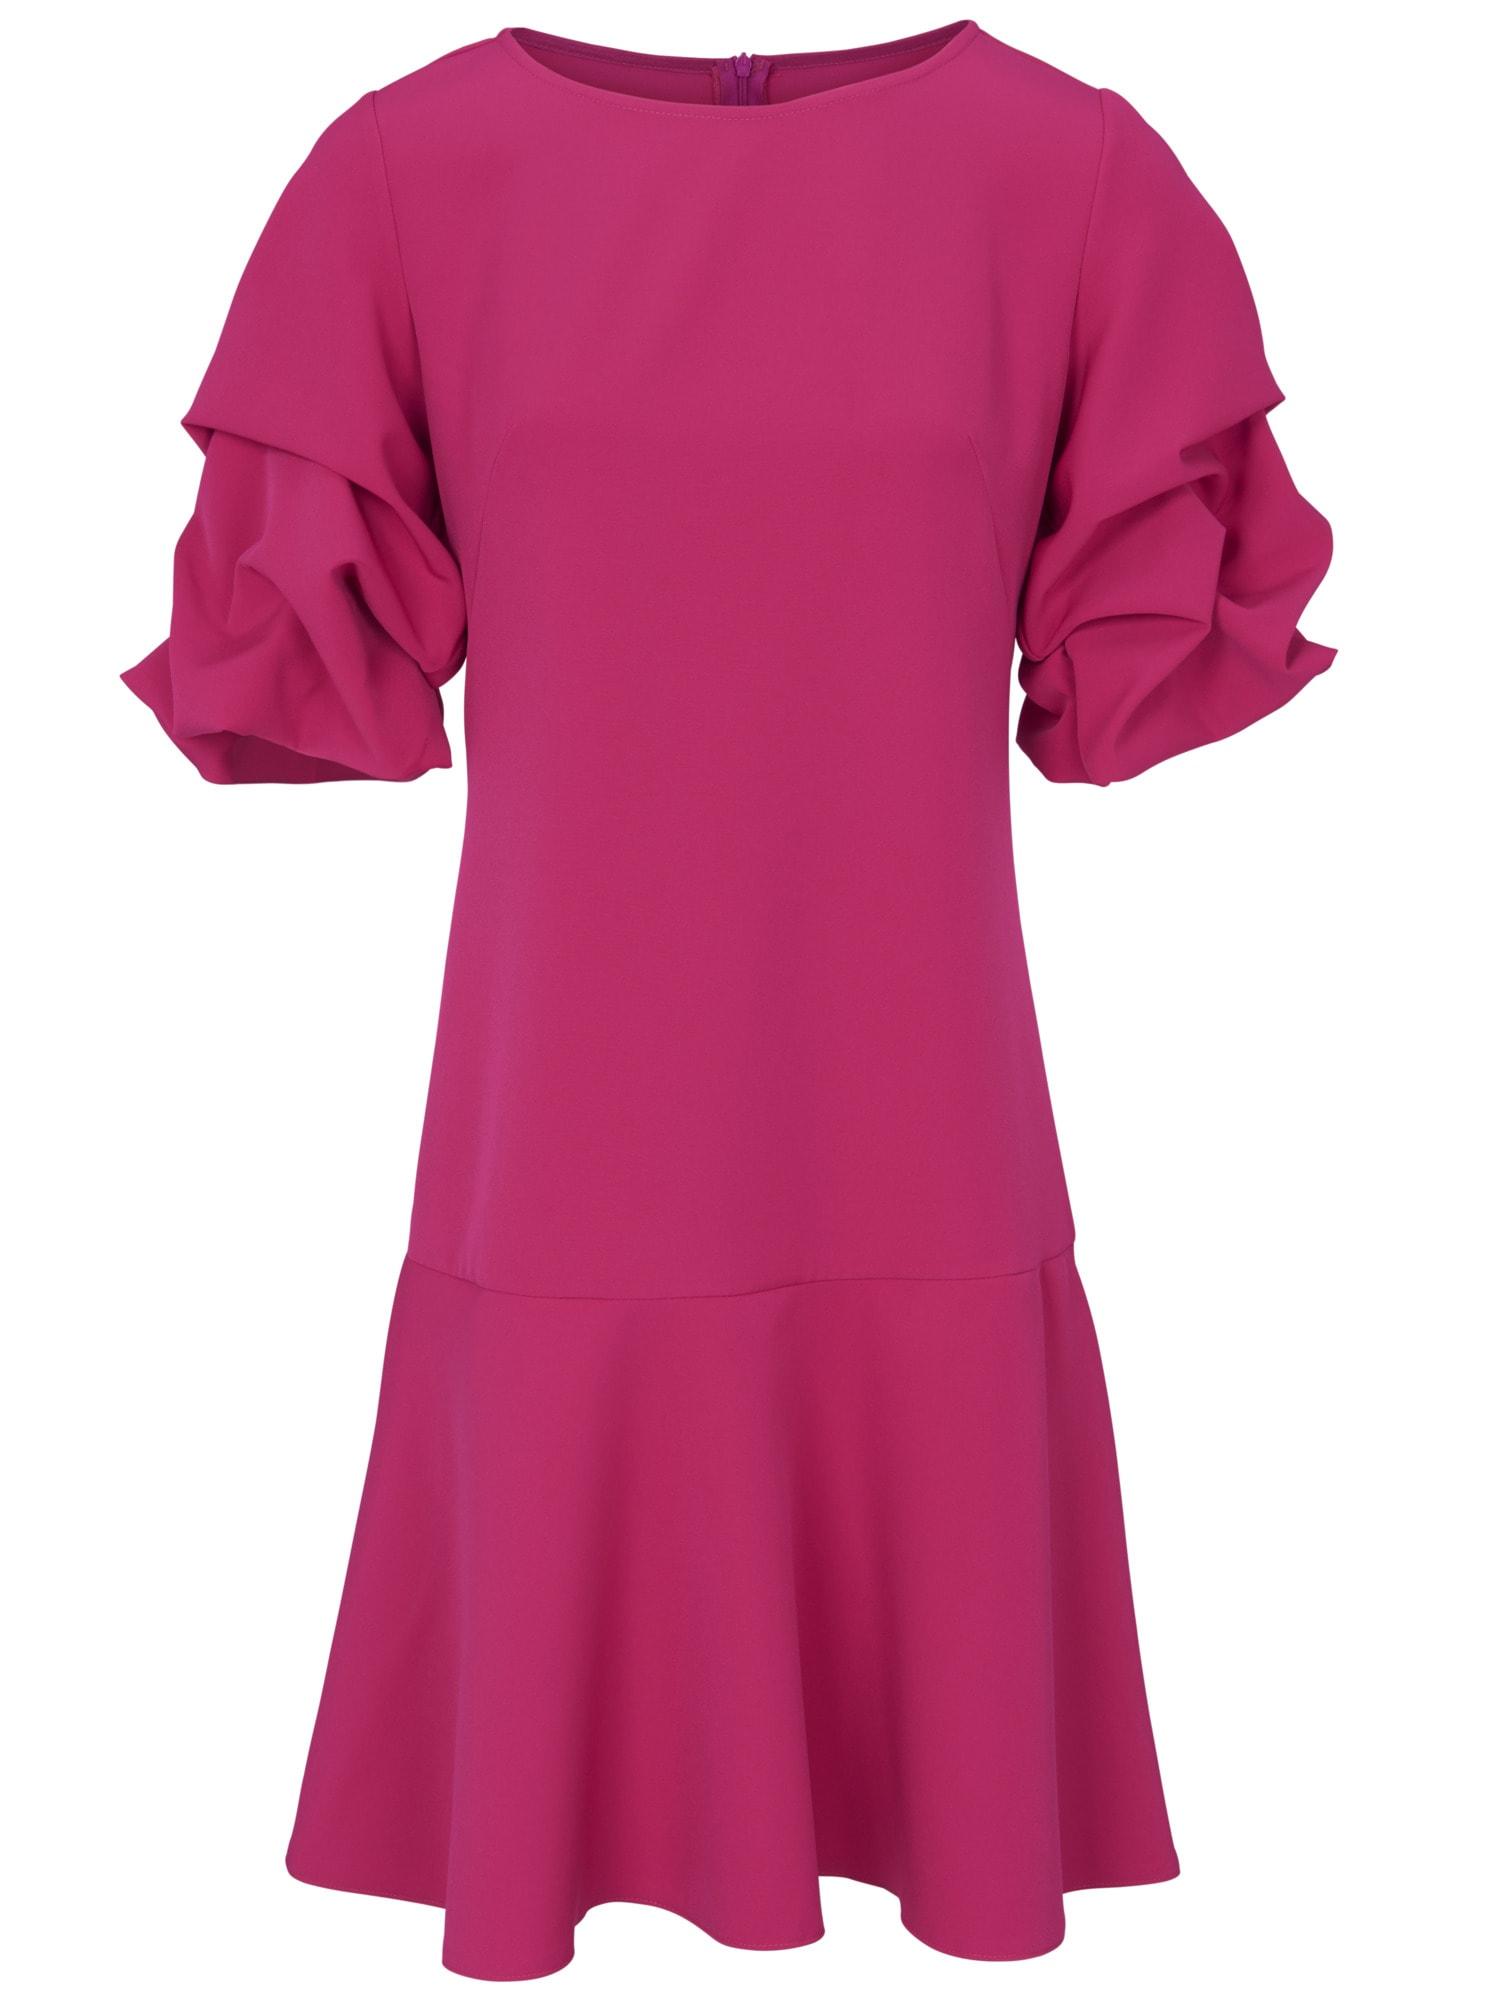 heine TIMELESS Kleid mit effektvoll, drapierten Ärmeln